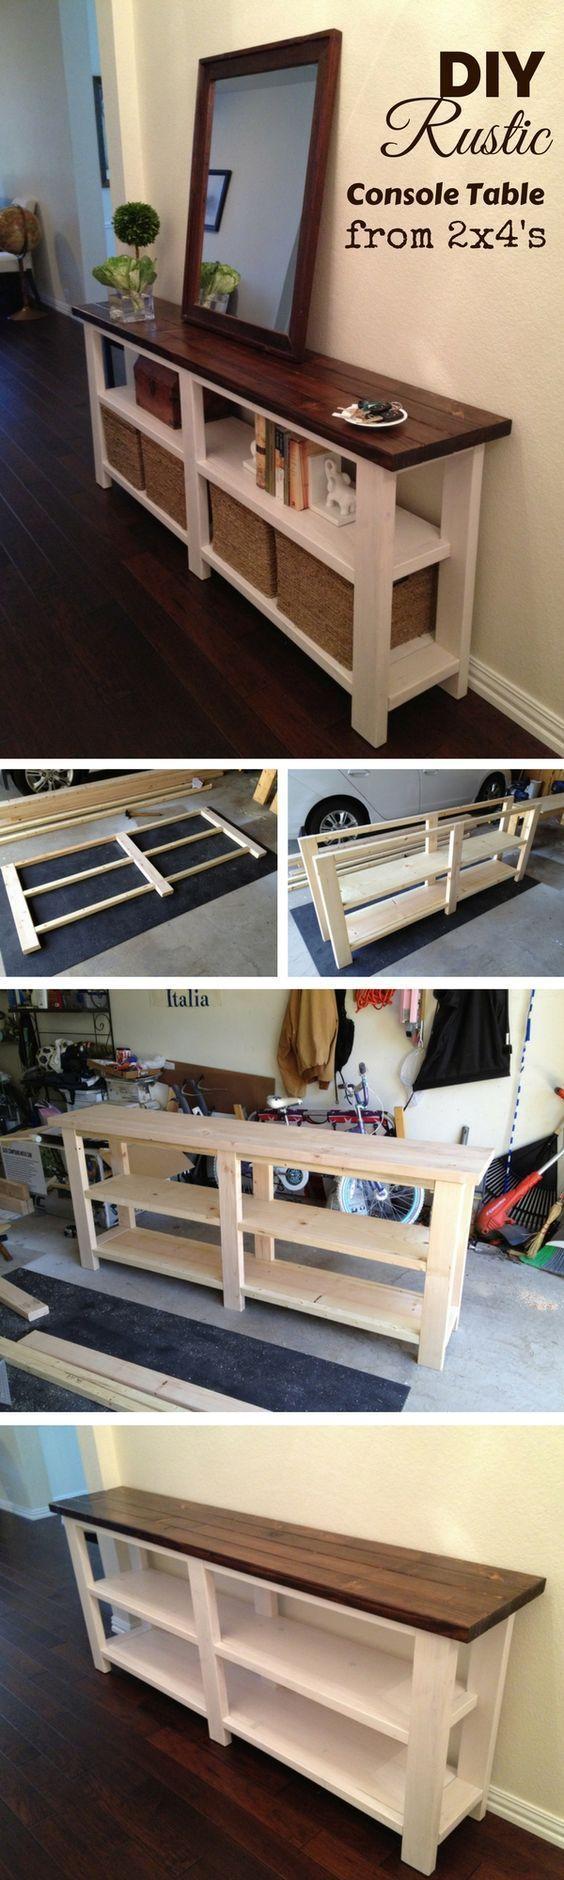 Photo of Erfahren Sie, wie Sie aus 2x4s DIY Home Decor einen rustikalen Konsolentisch aus Holz basteln …